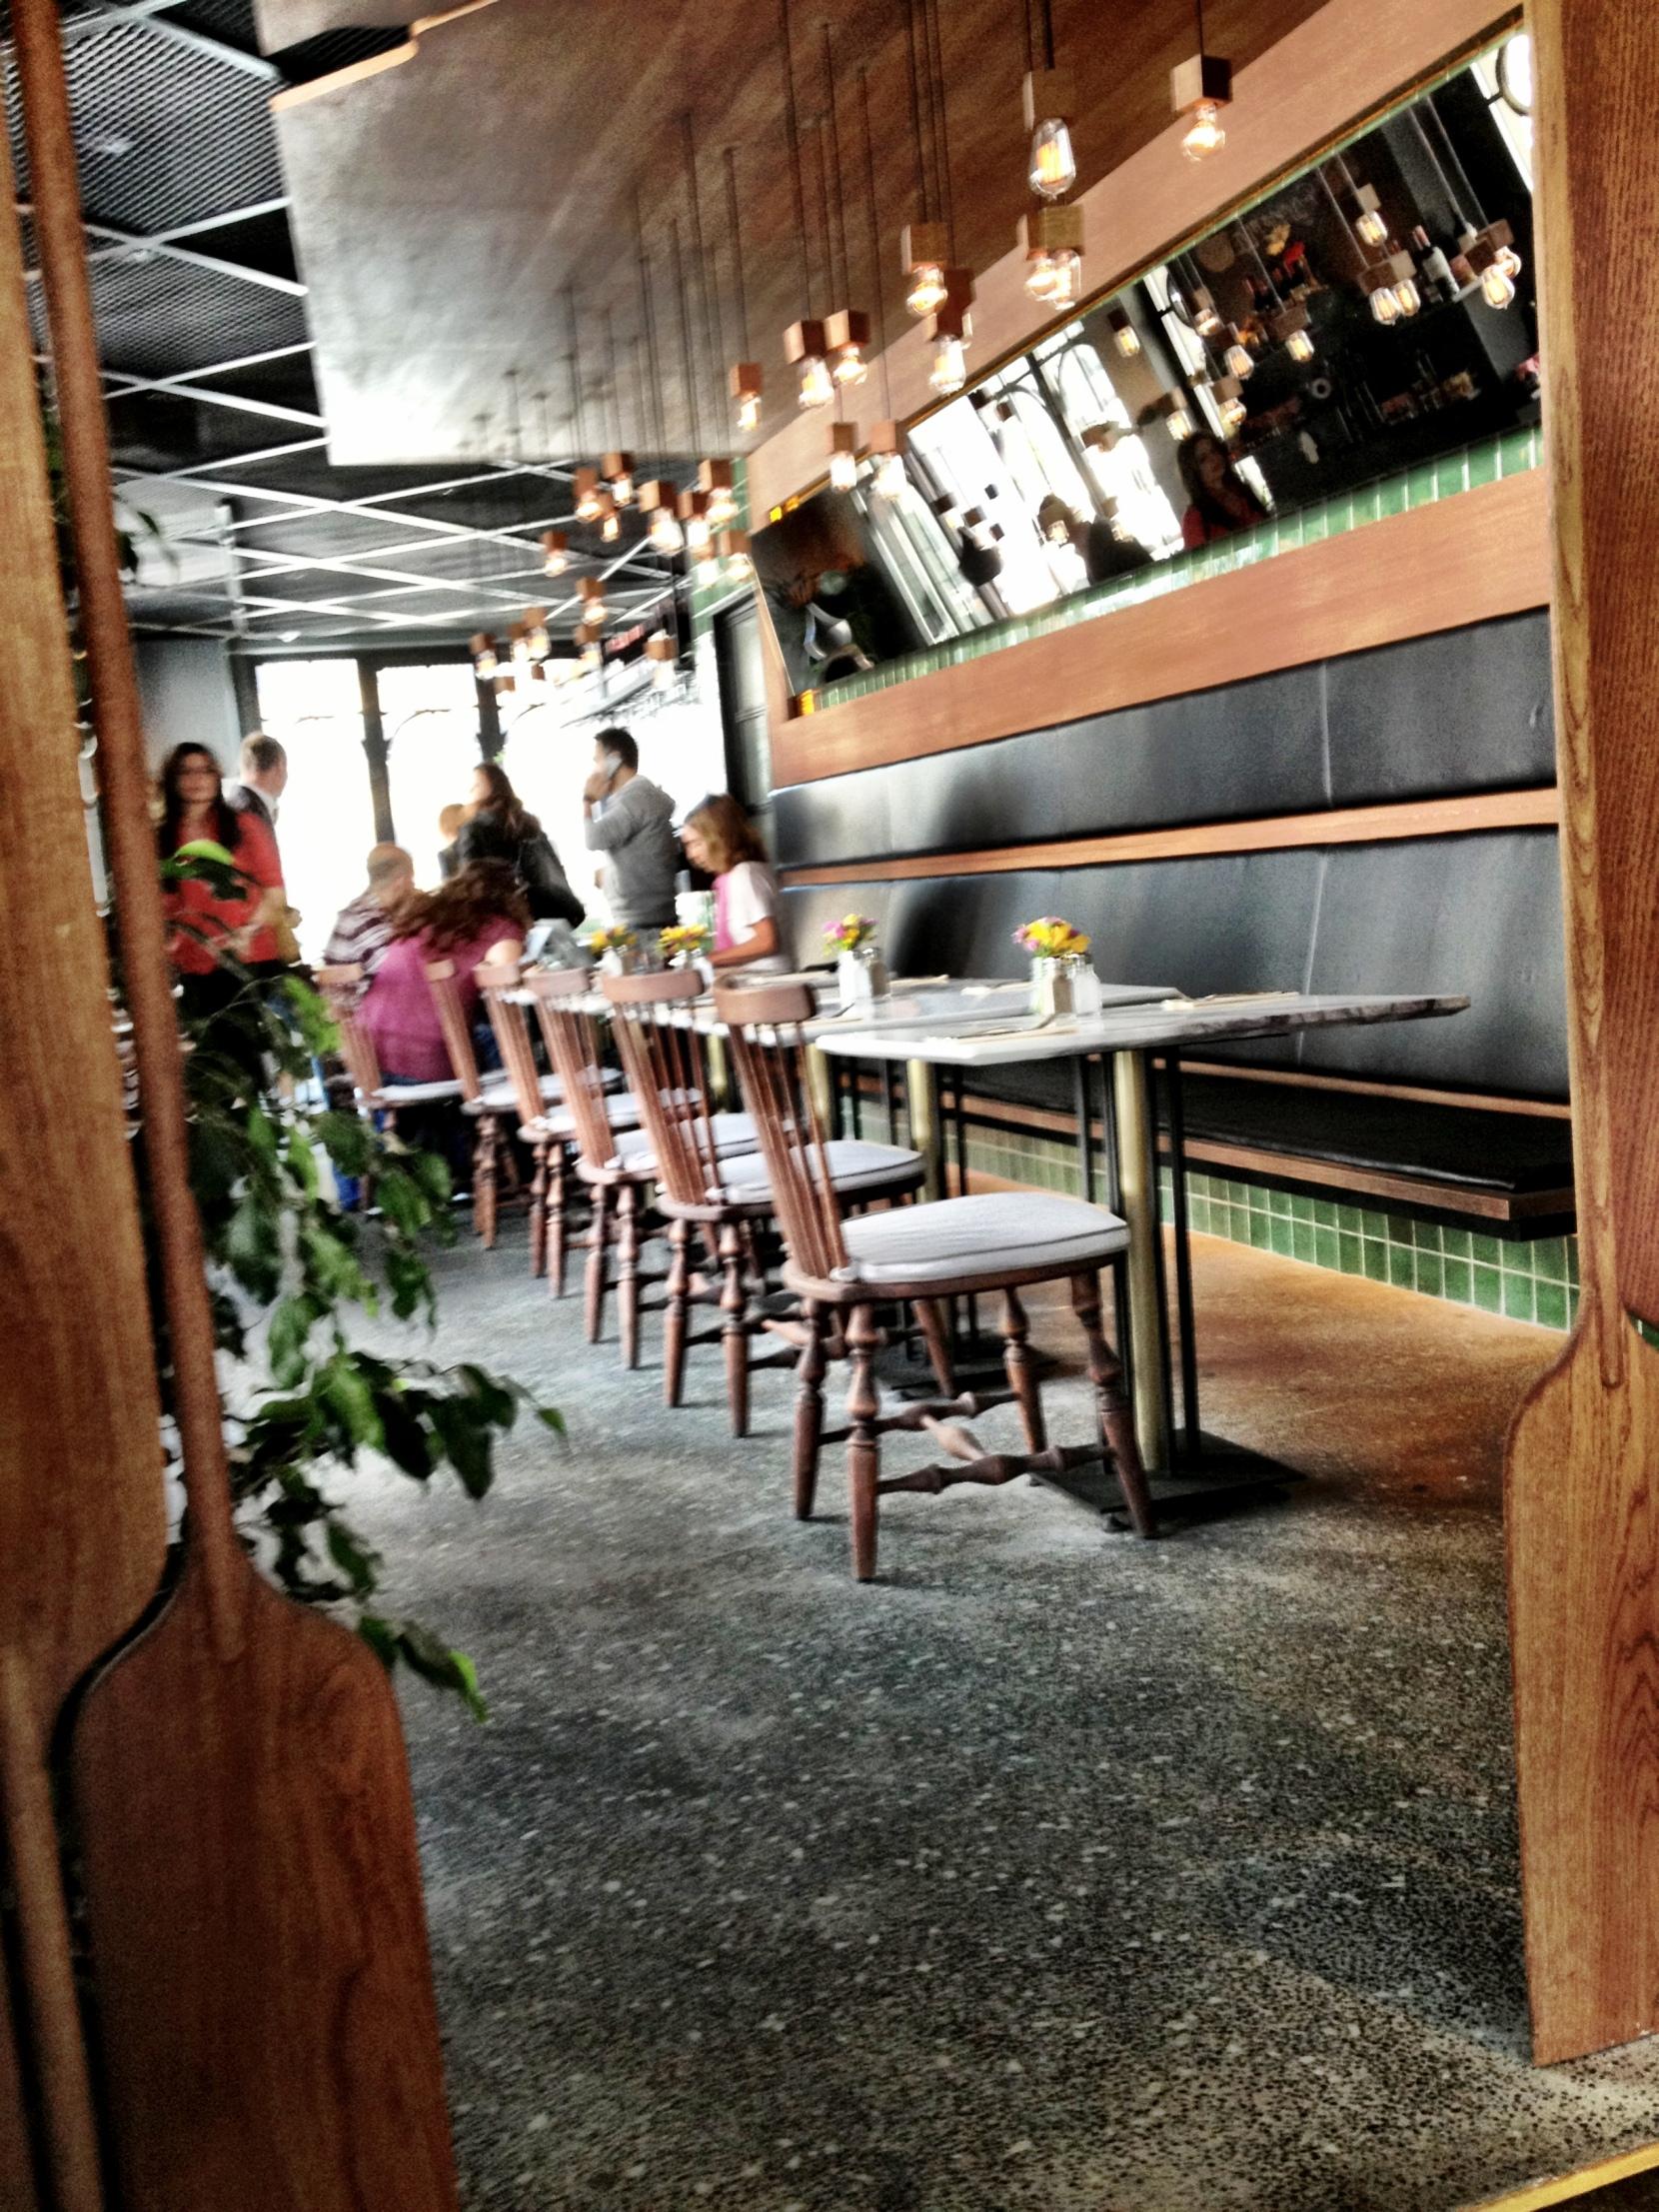 Forneria Restaurant design